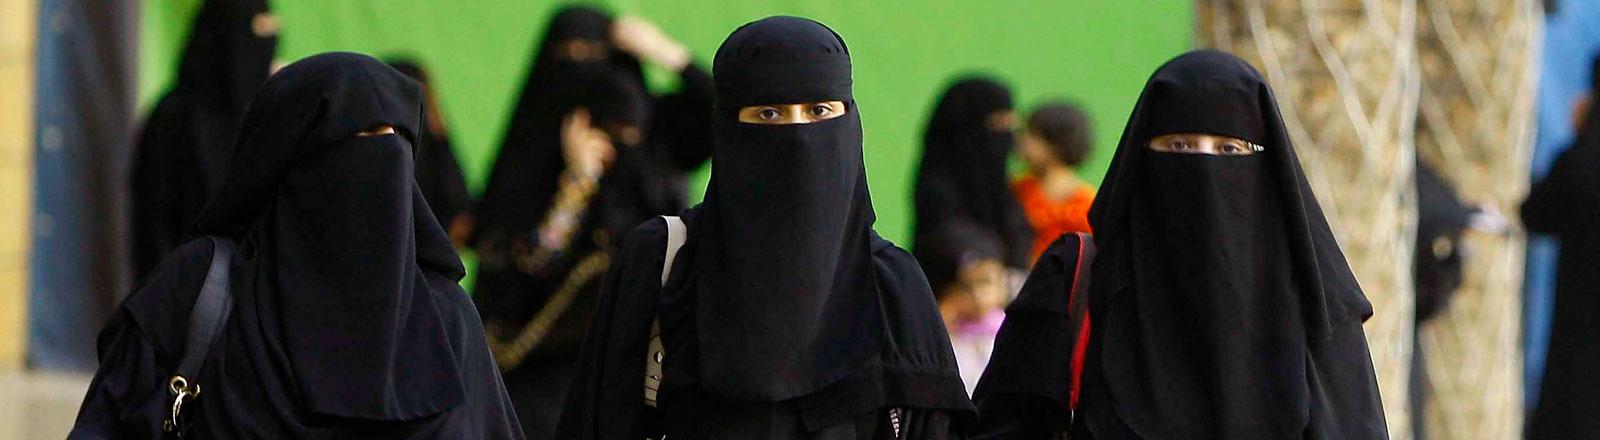 Drei saudi-arabische Frauen mit einem Ganzkörperschleier.